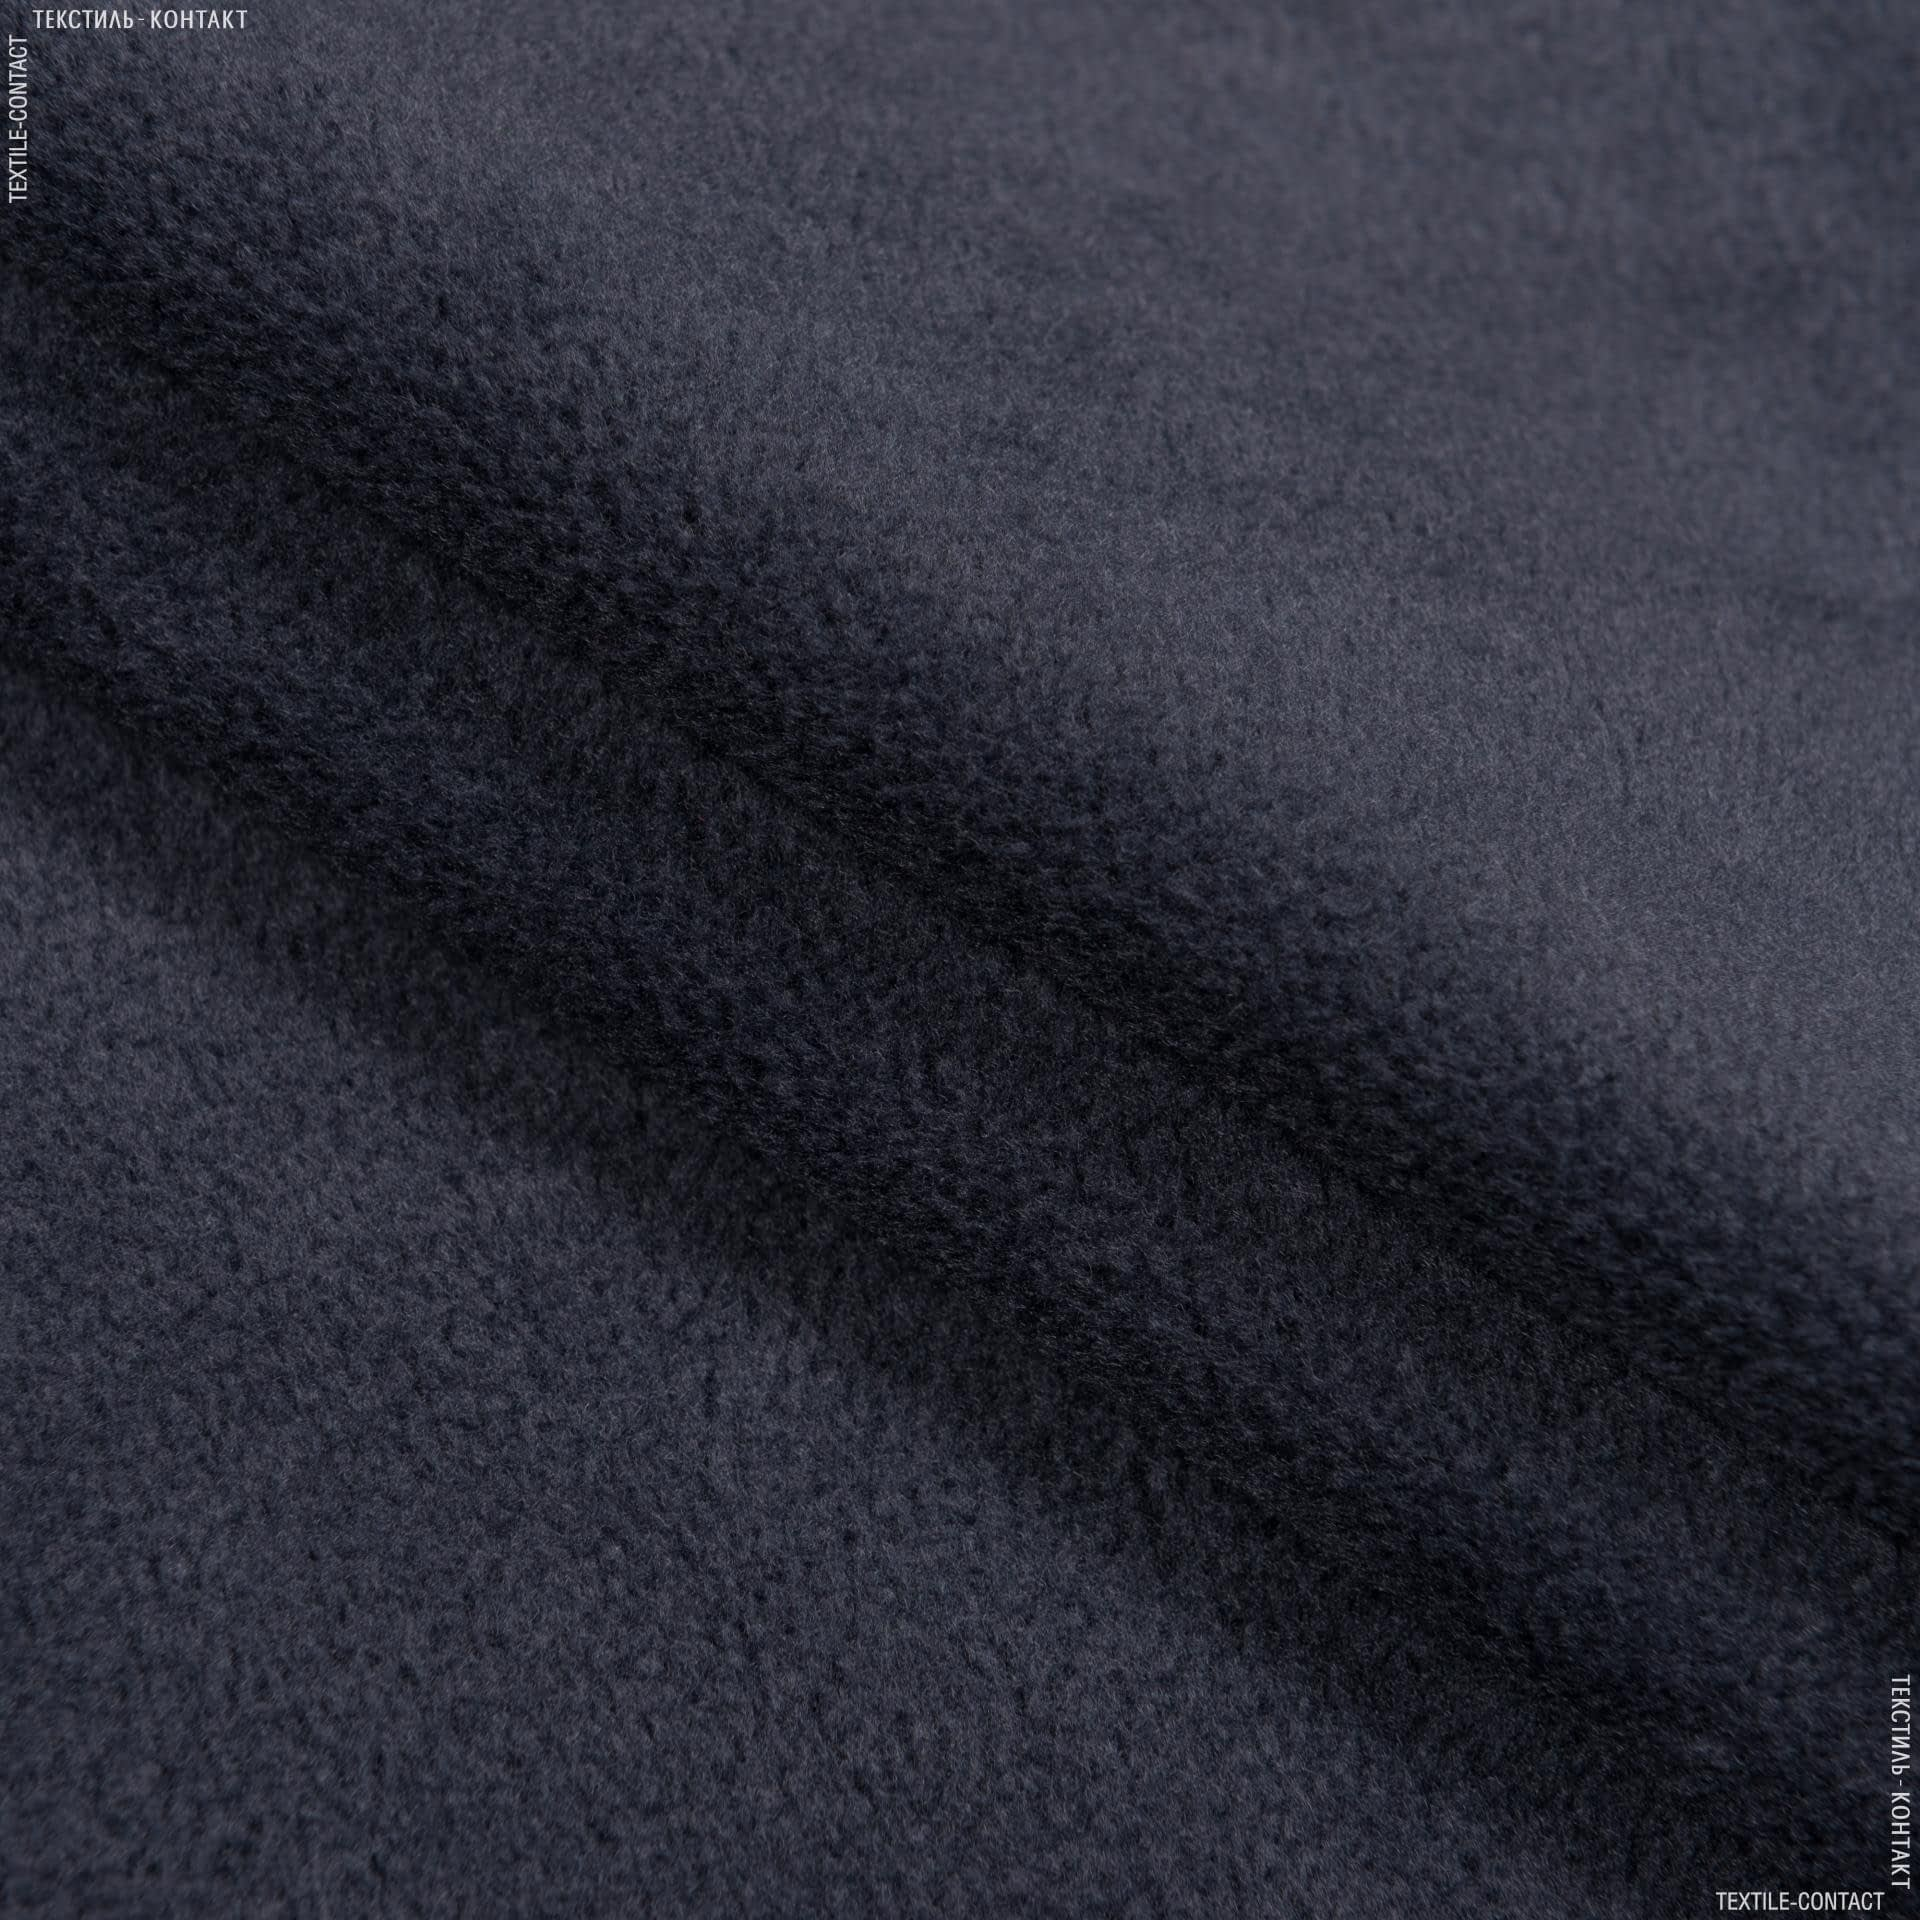 Ткани для спортивной одежды - Флис темно-серый